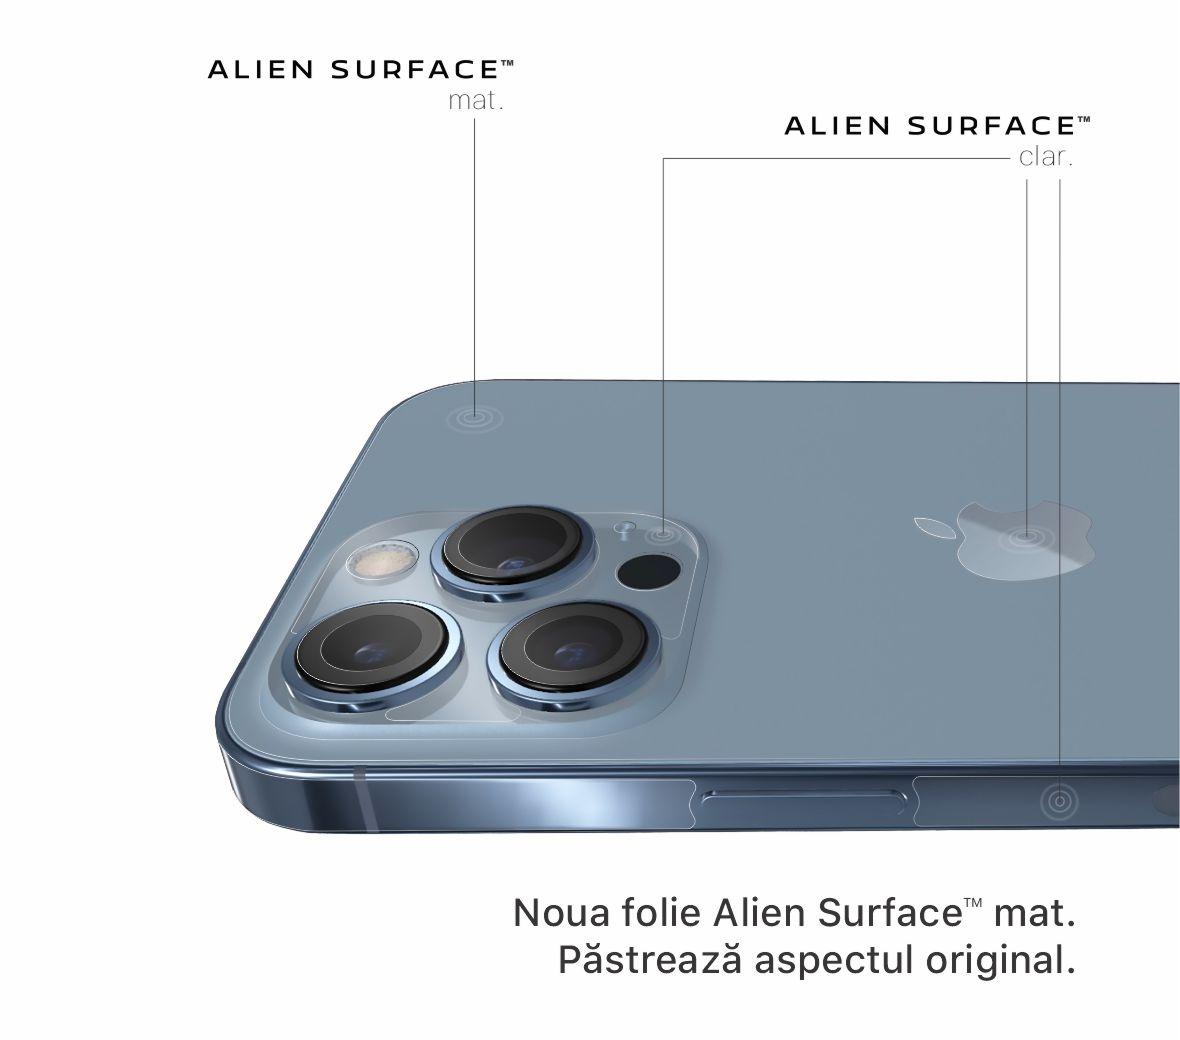 Aliensurface